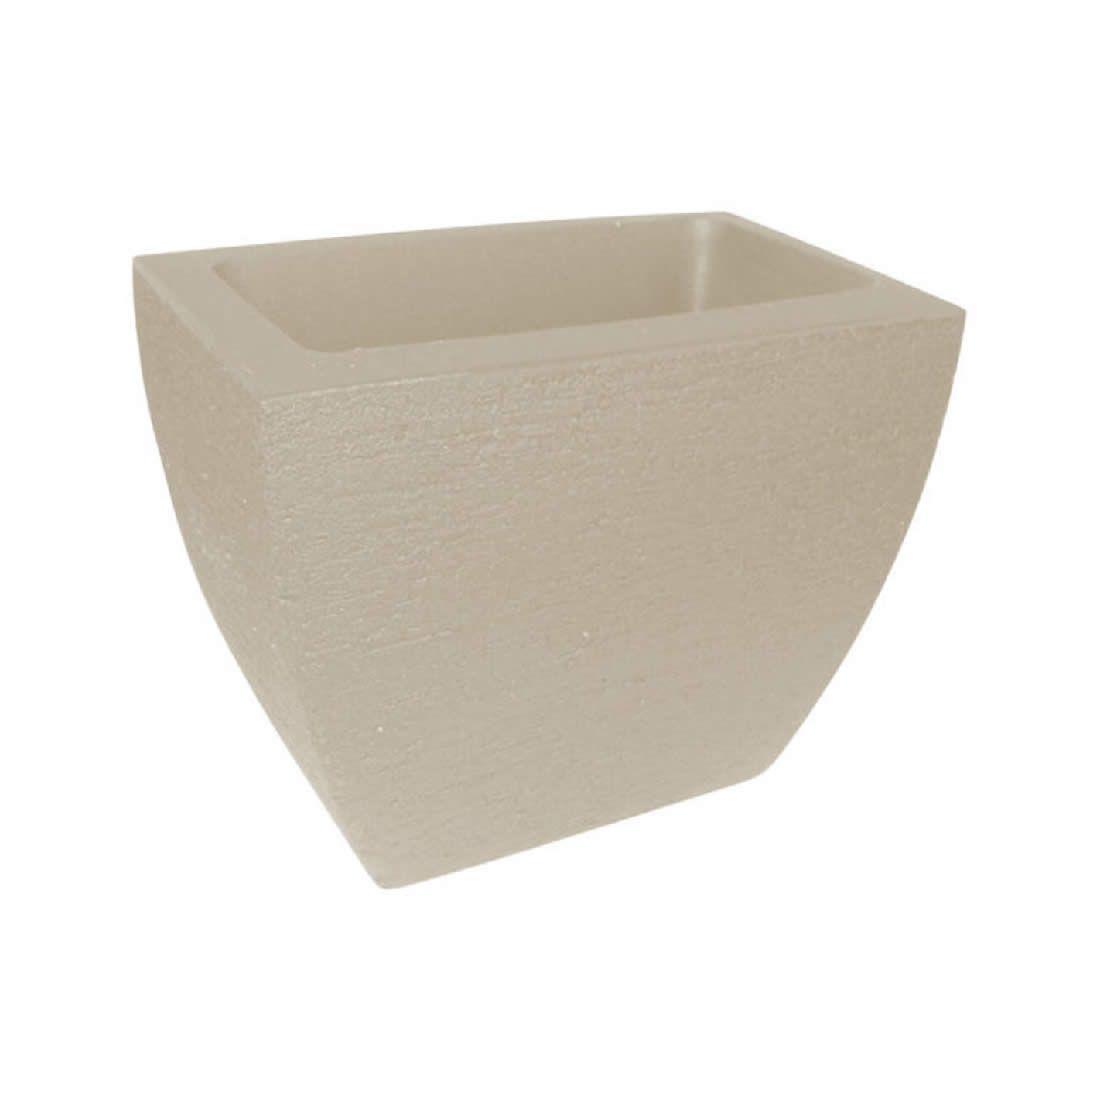 Vaso Para Planta Parece Mod 25 Cimento - Japi